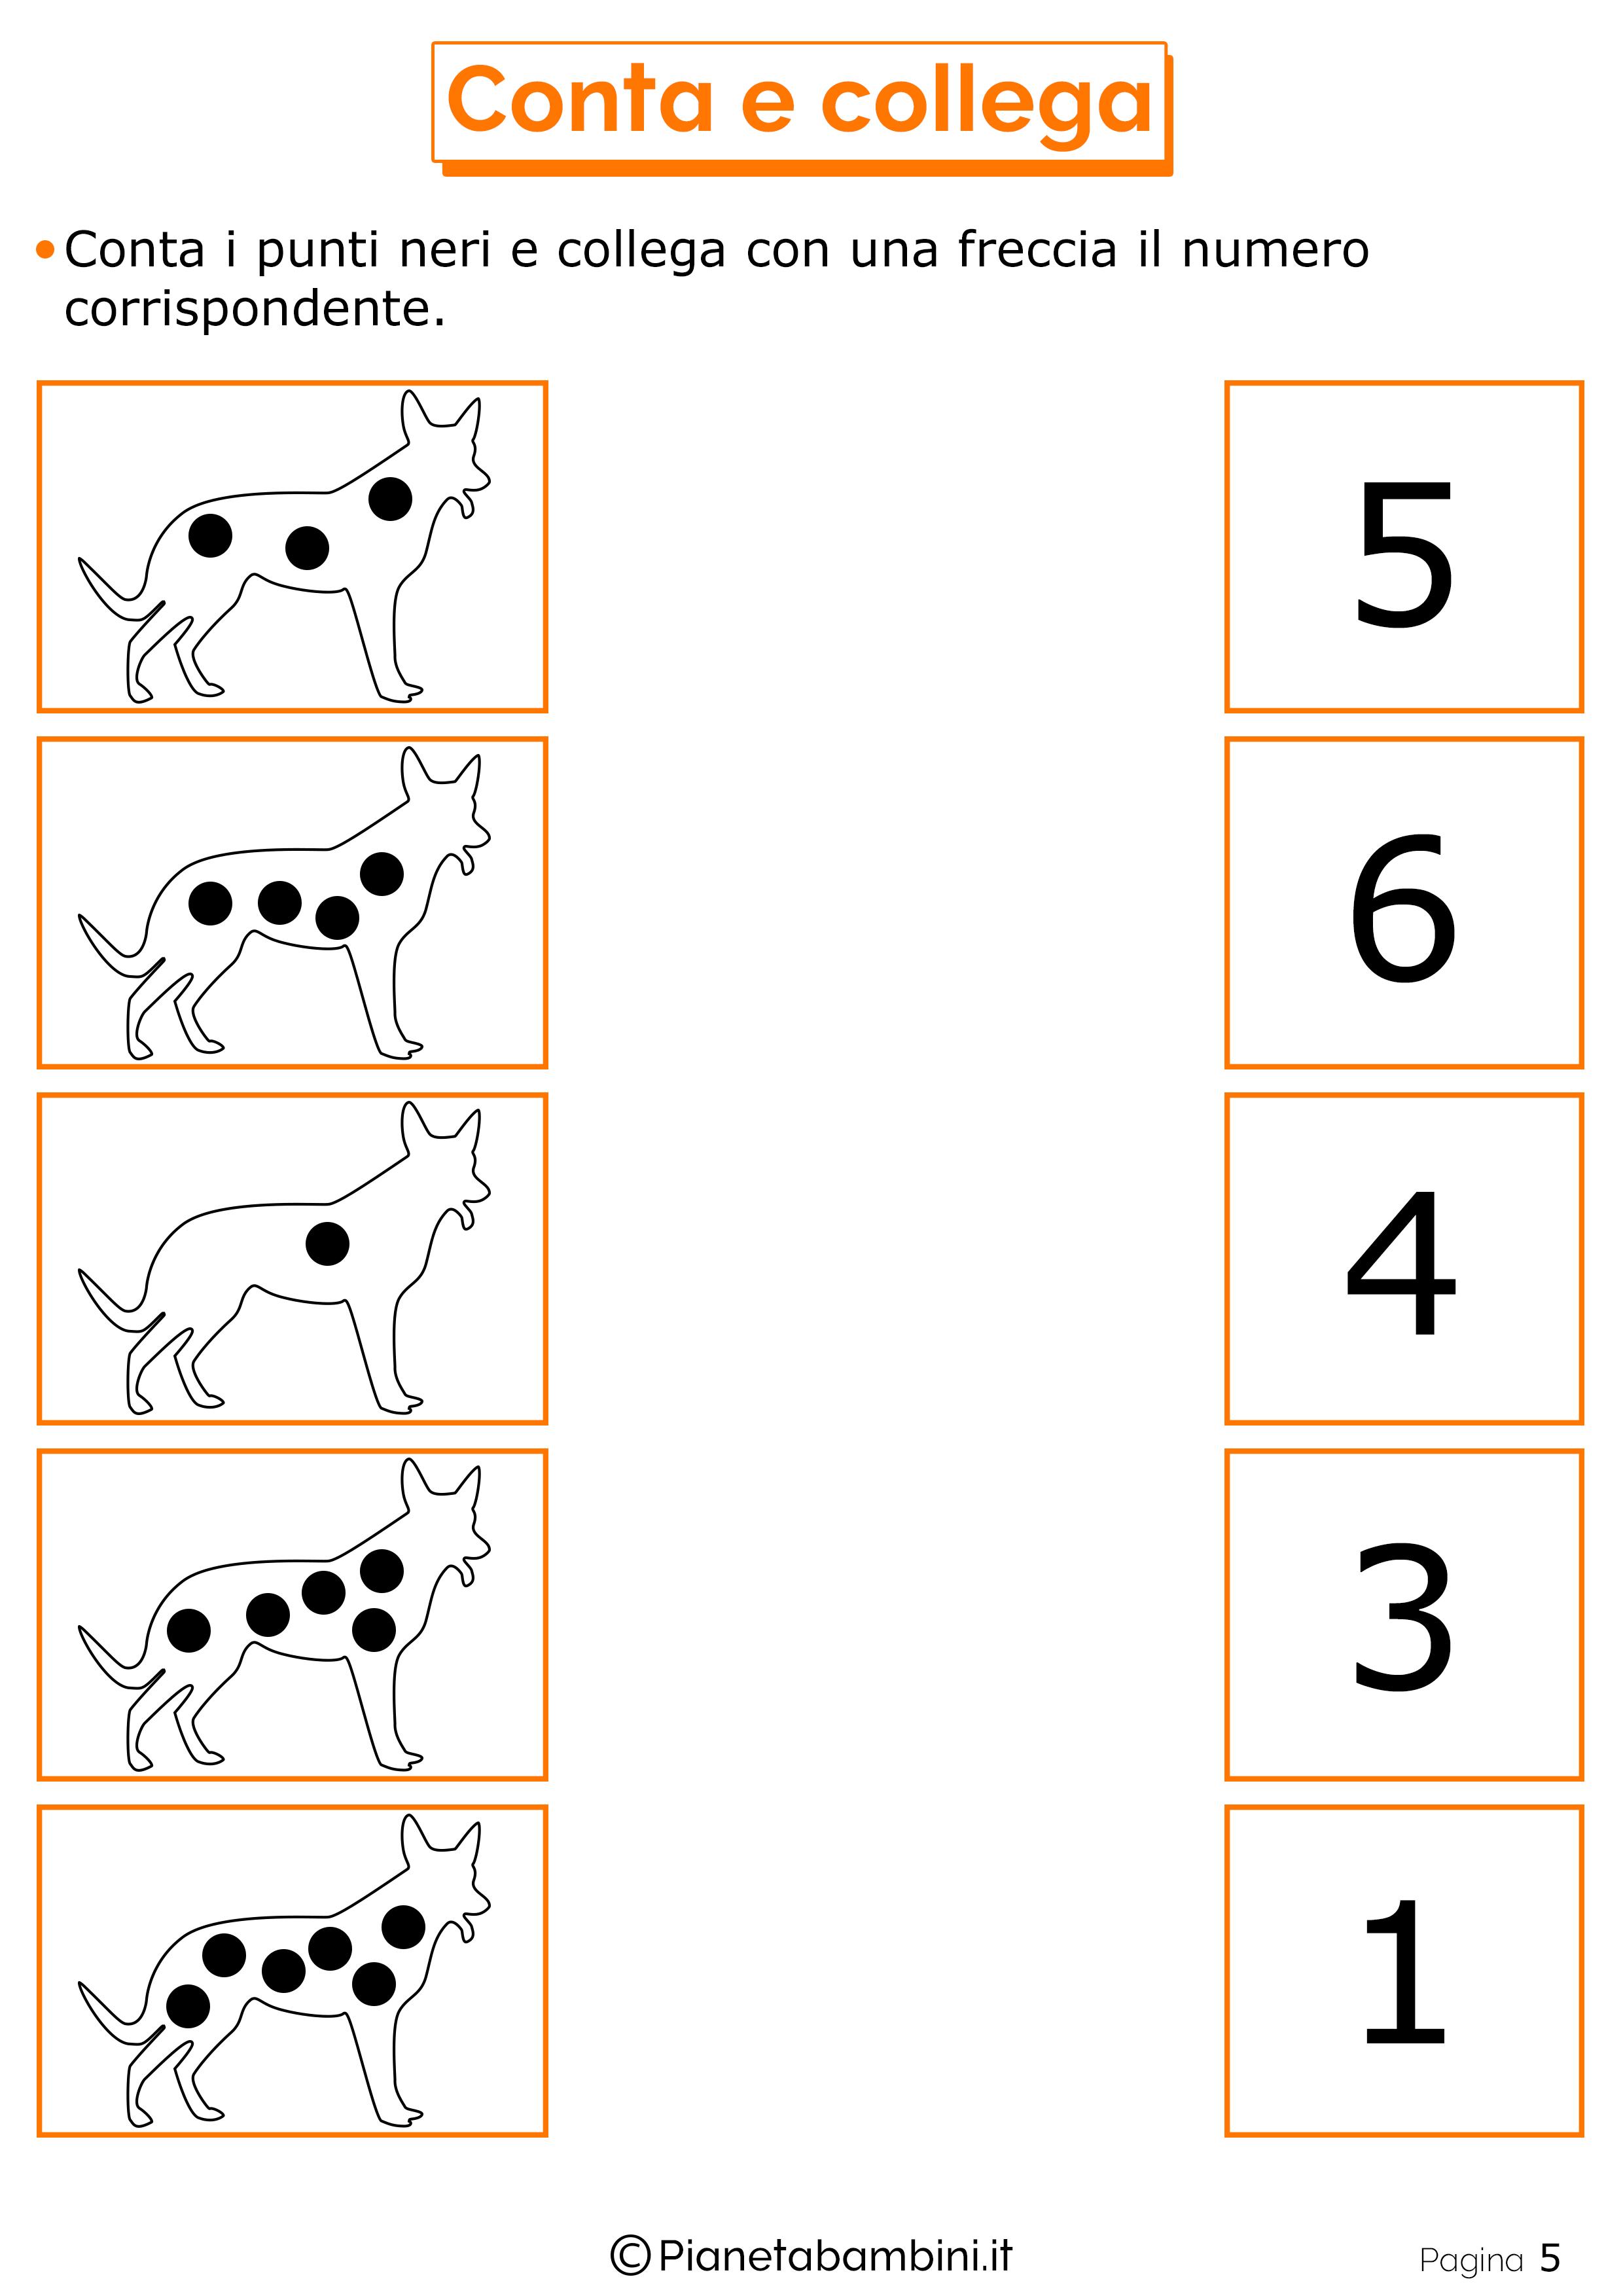 Immagine Correlata Tareas Matematica Per Bambini Matematica